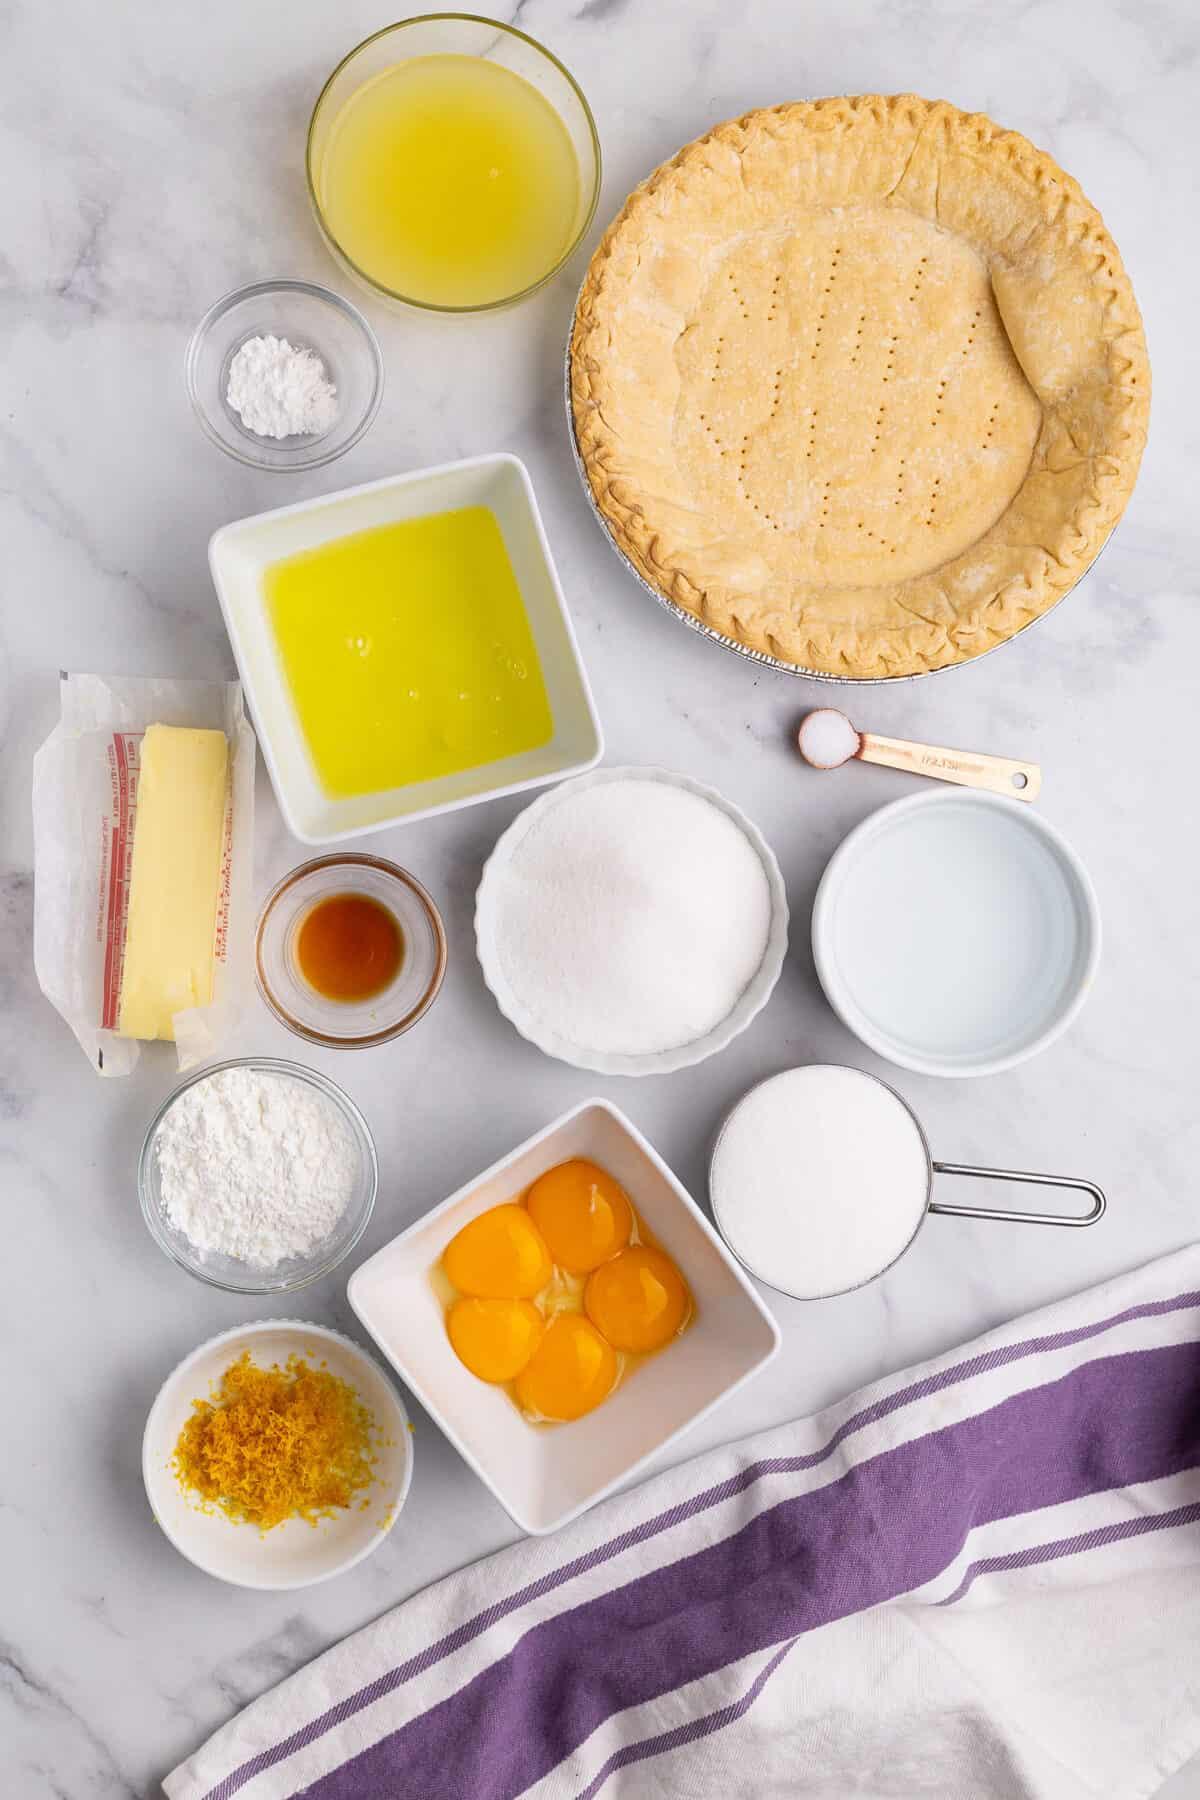 ingredients for lemon meringue pie